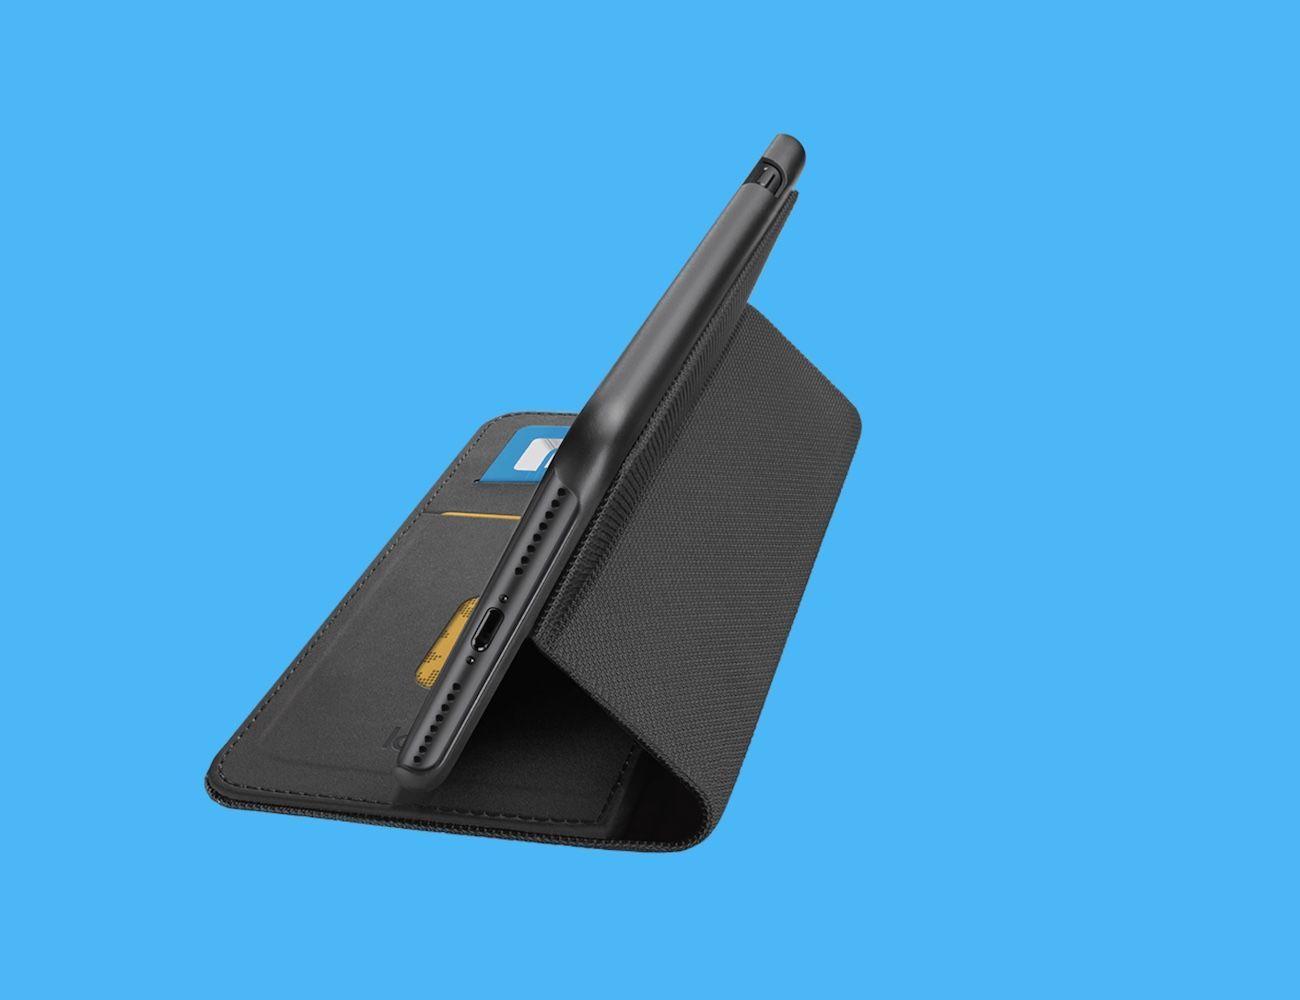 Hinge Flexible iPhone 7 Wallet Case